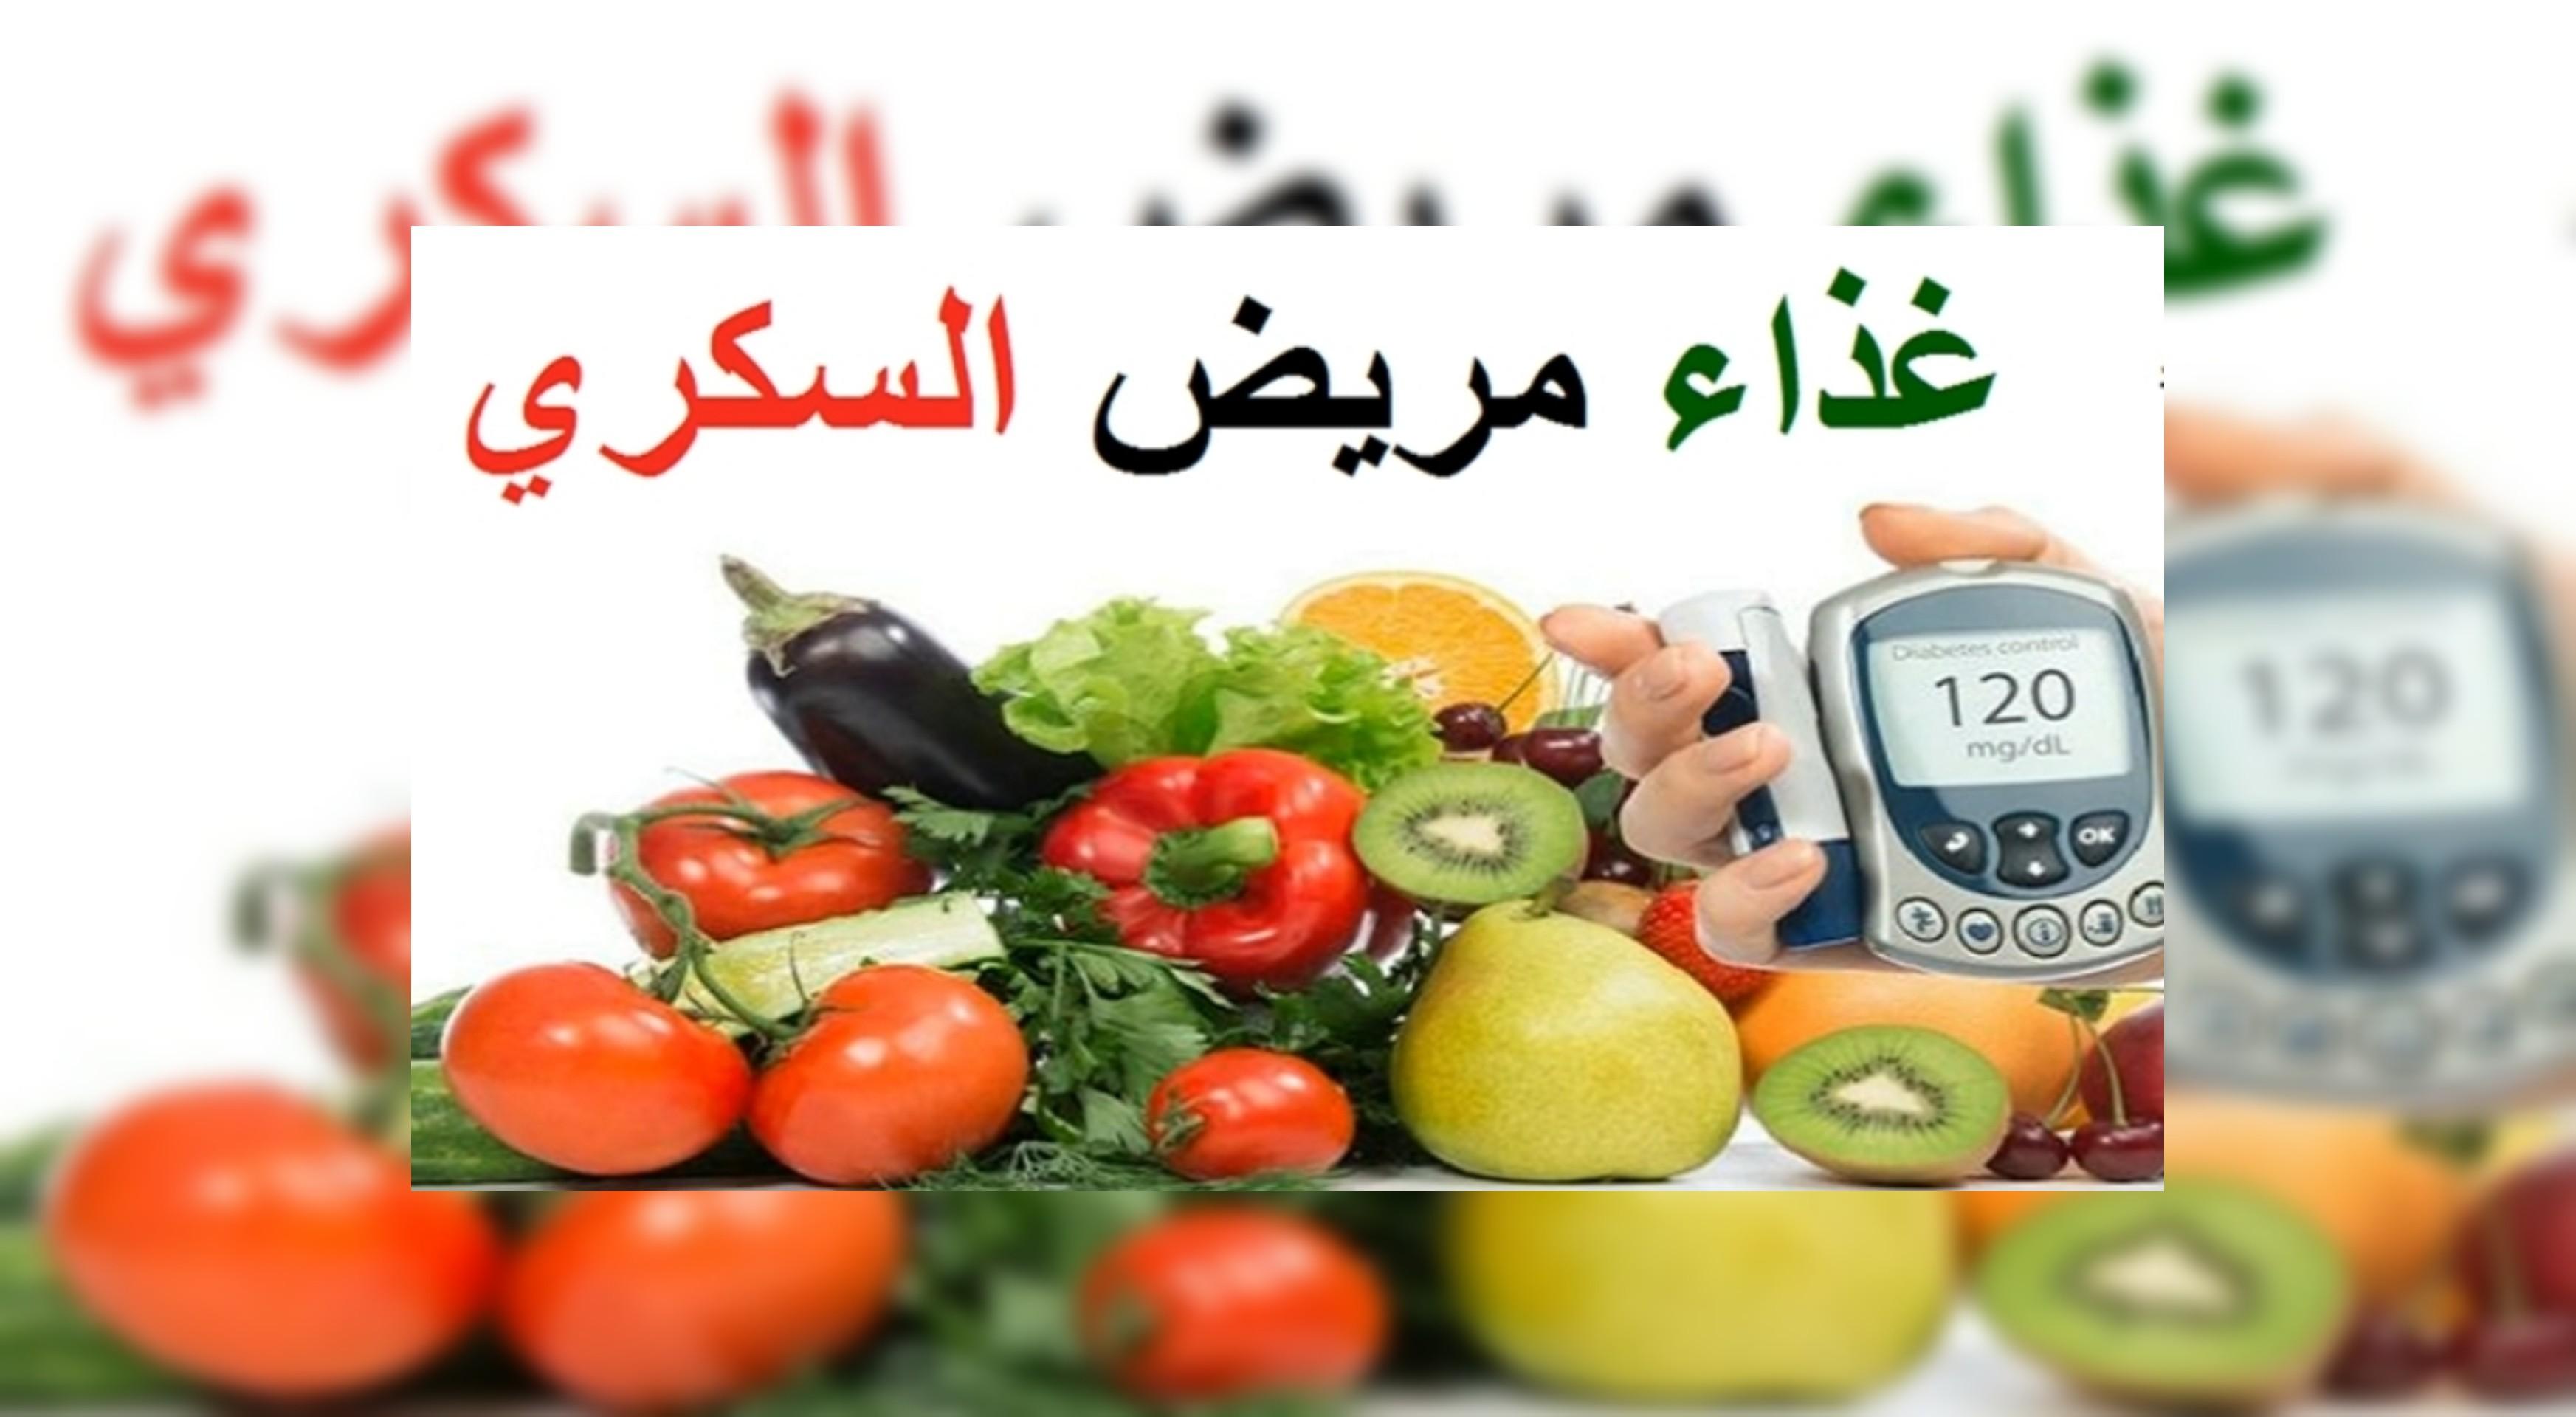 داء السكري والغذاء الأنسب لمرضى السكري موقع إضاءات الإخباري